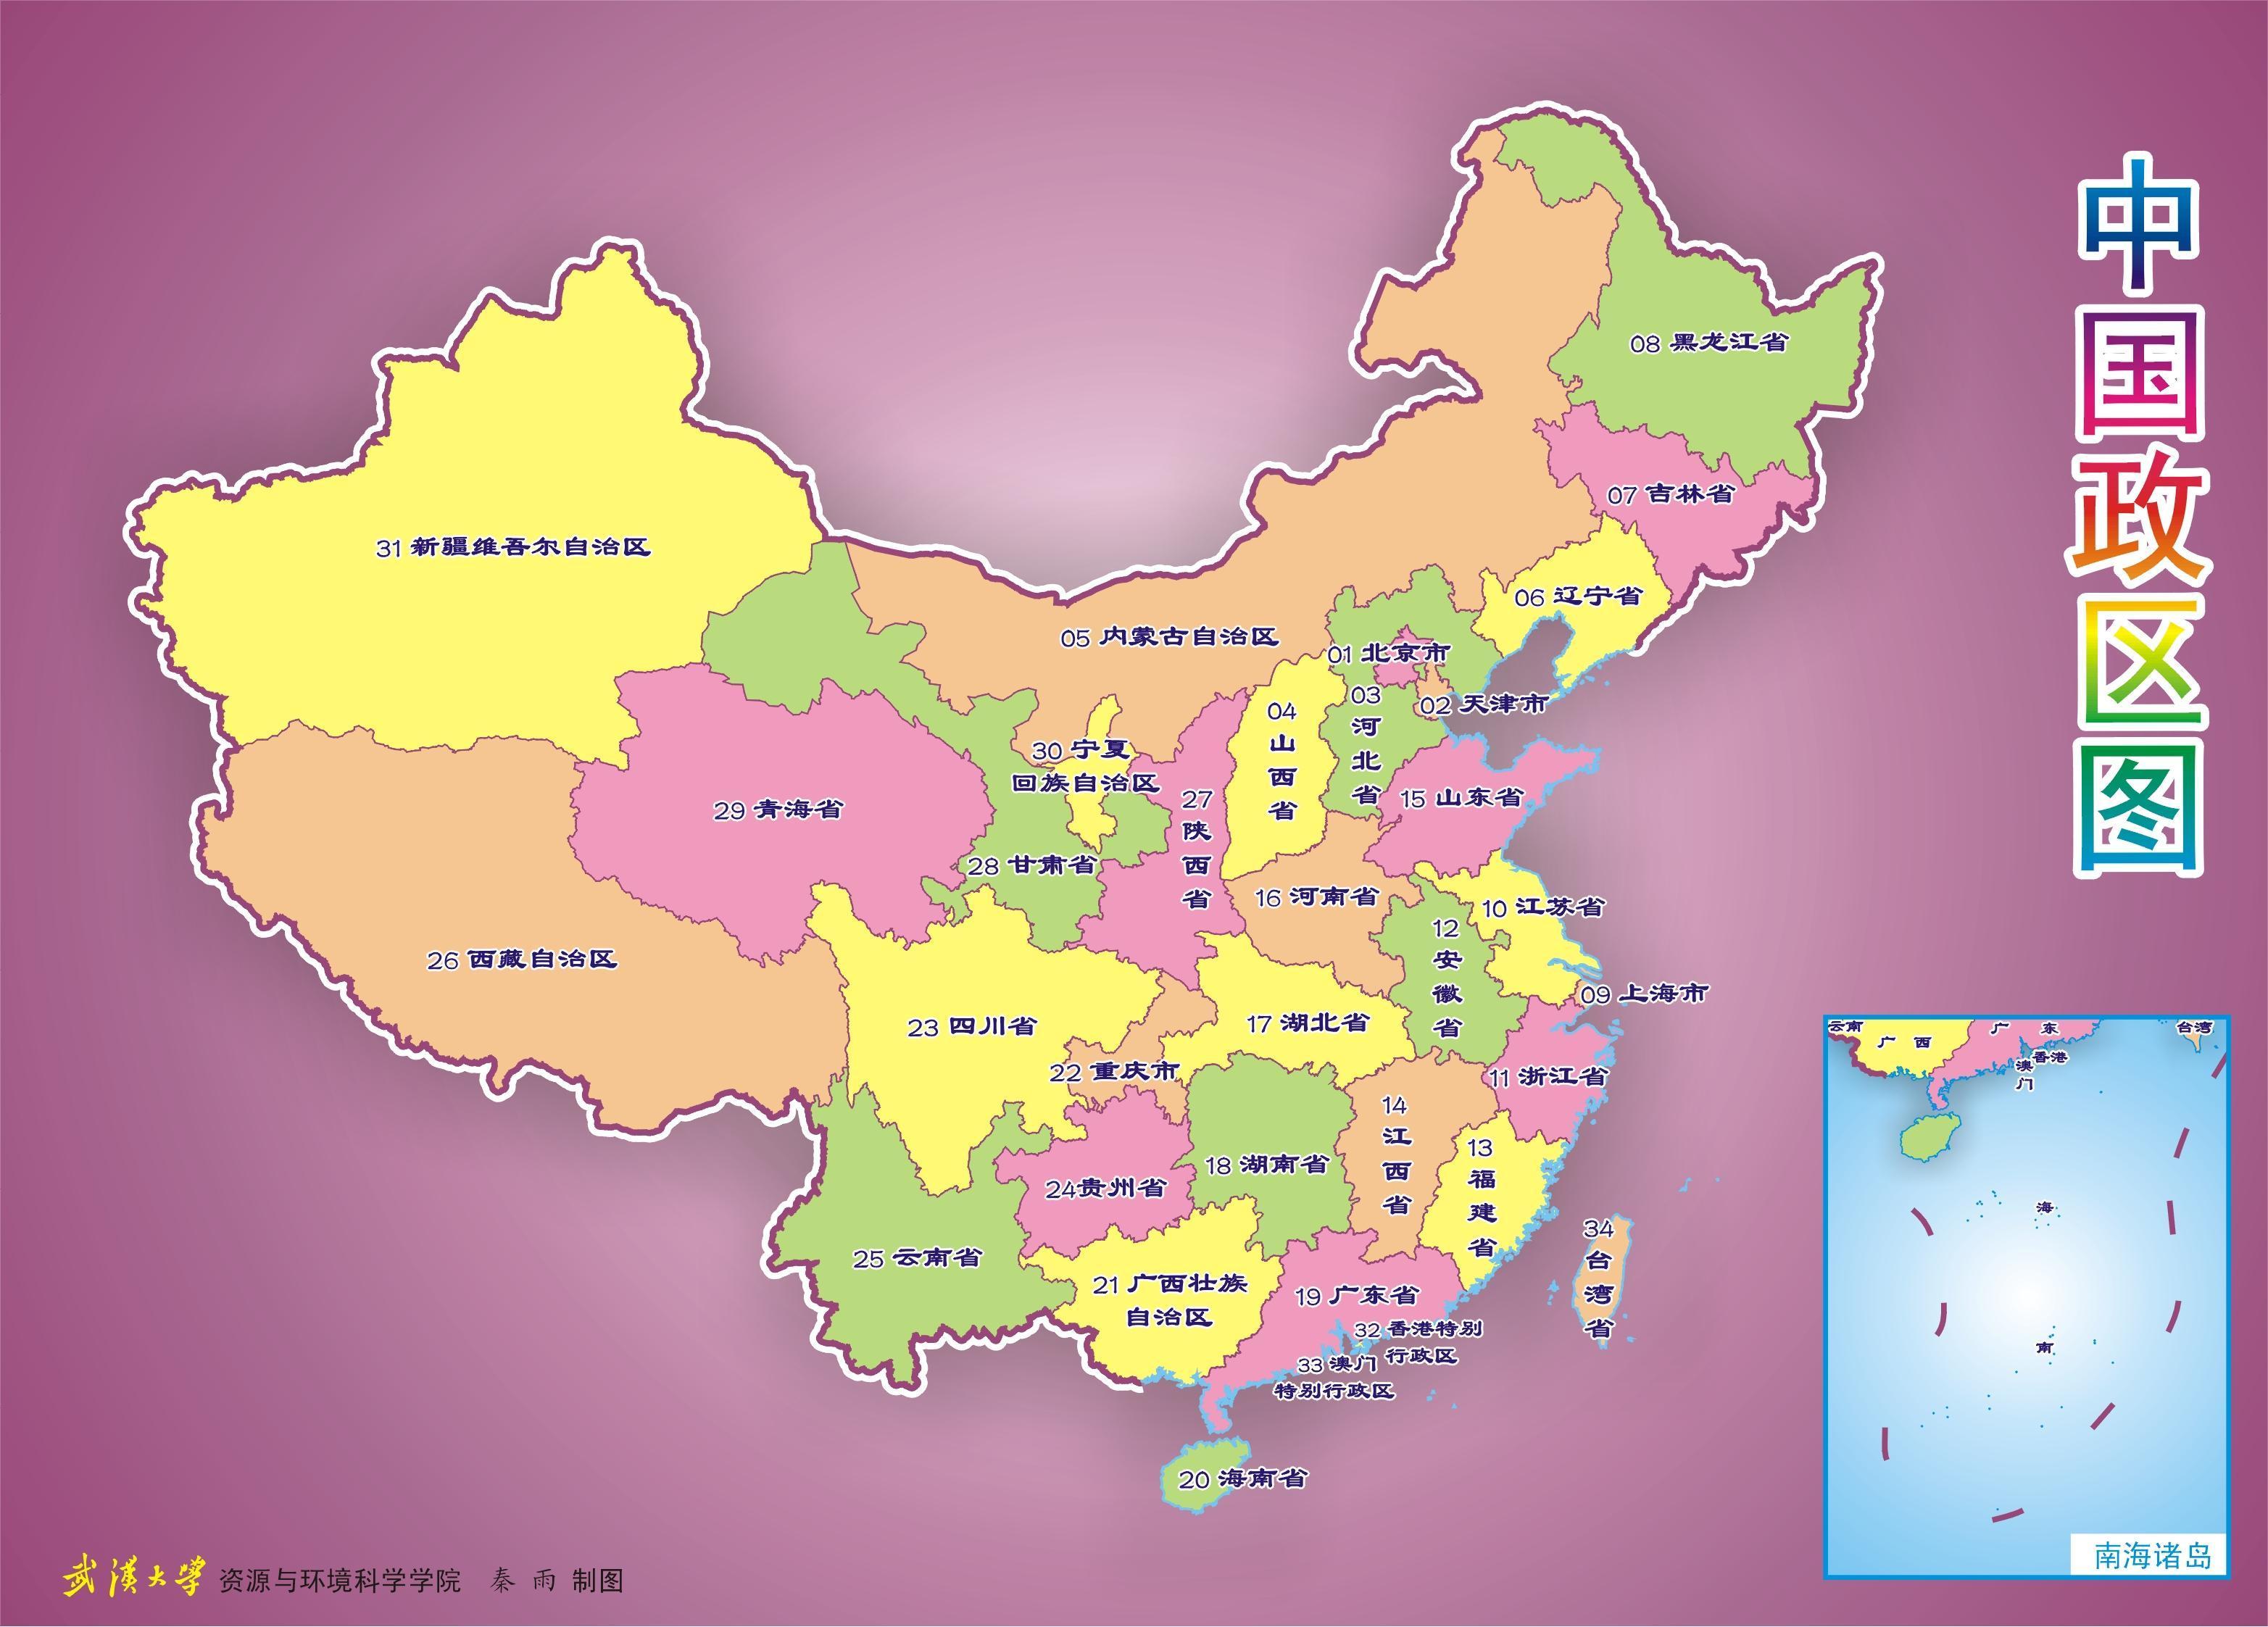 中国政区图手绘版